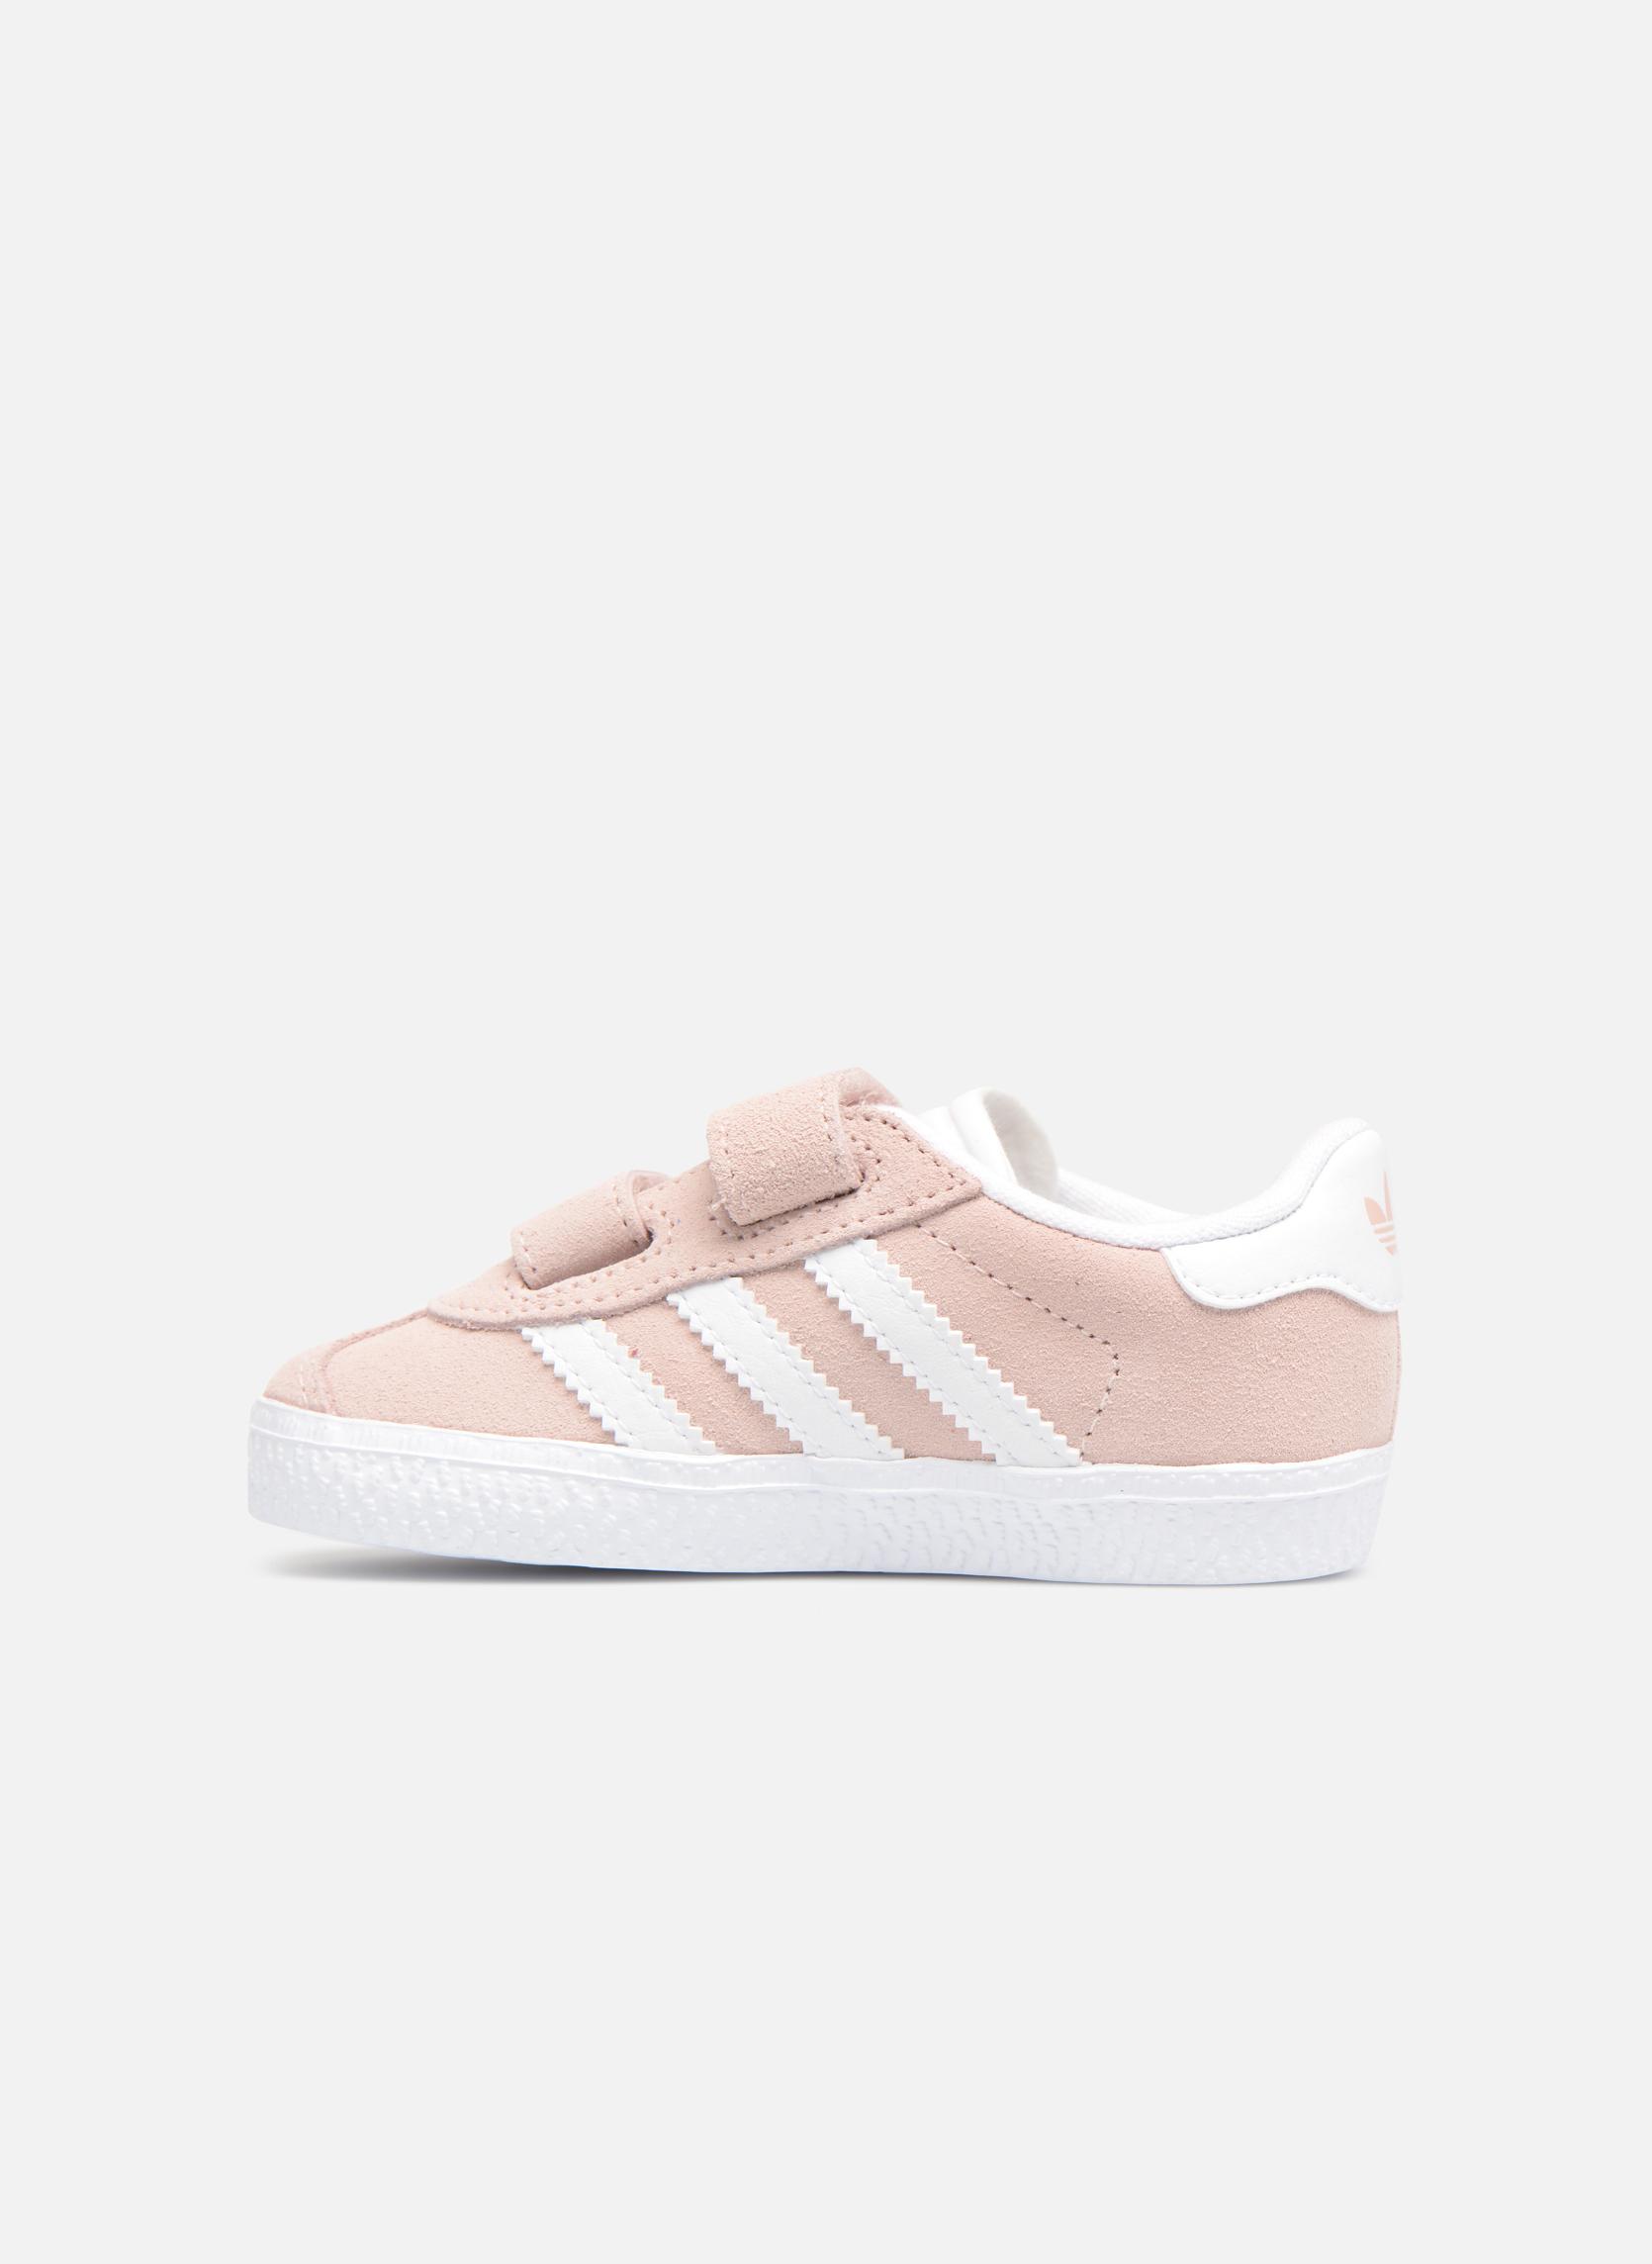 Adidas Originals Gazelle Cf I